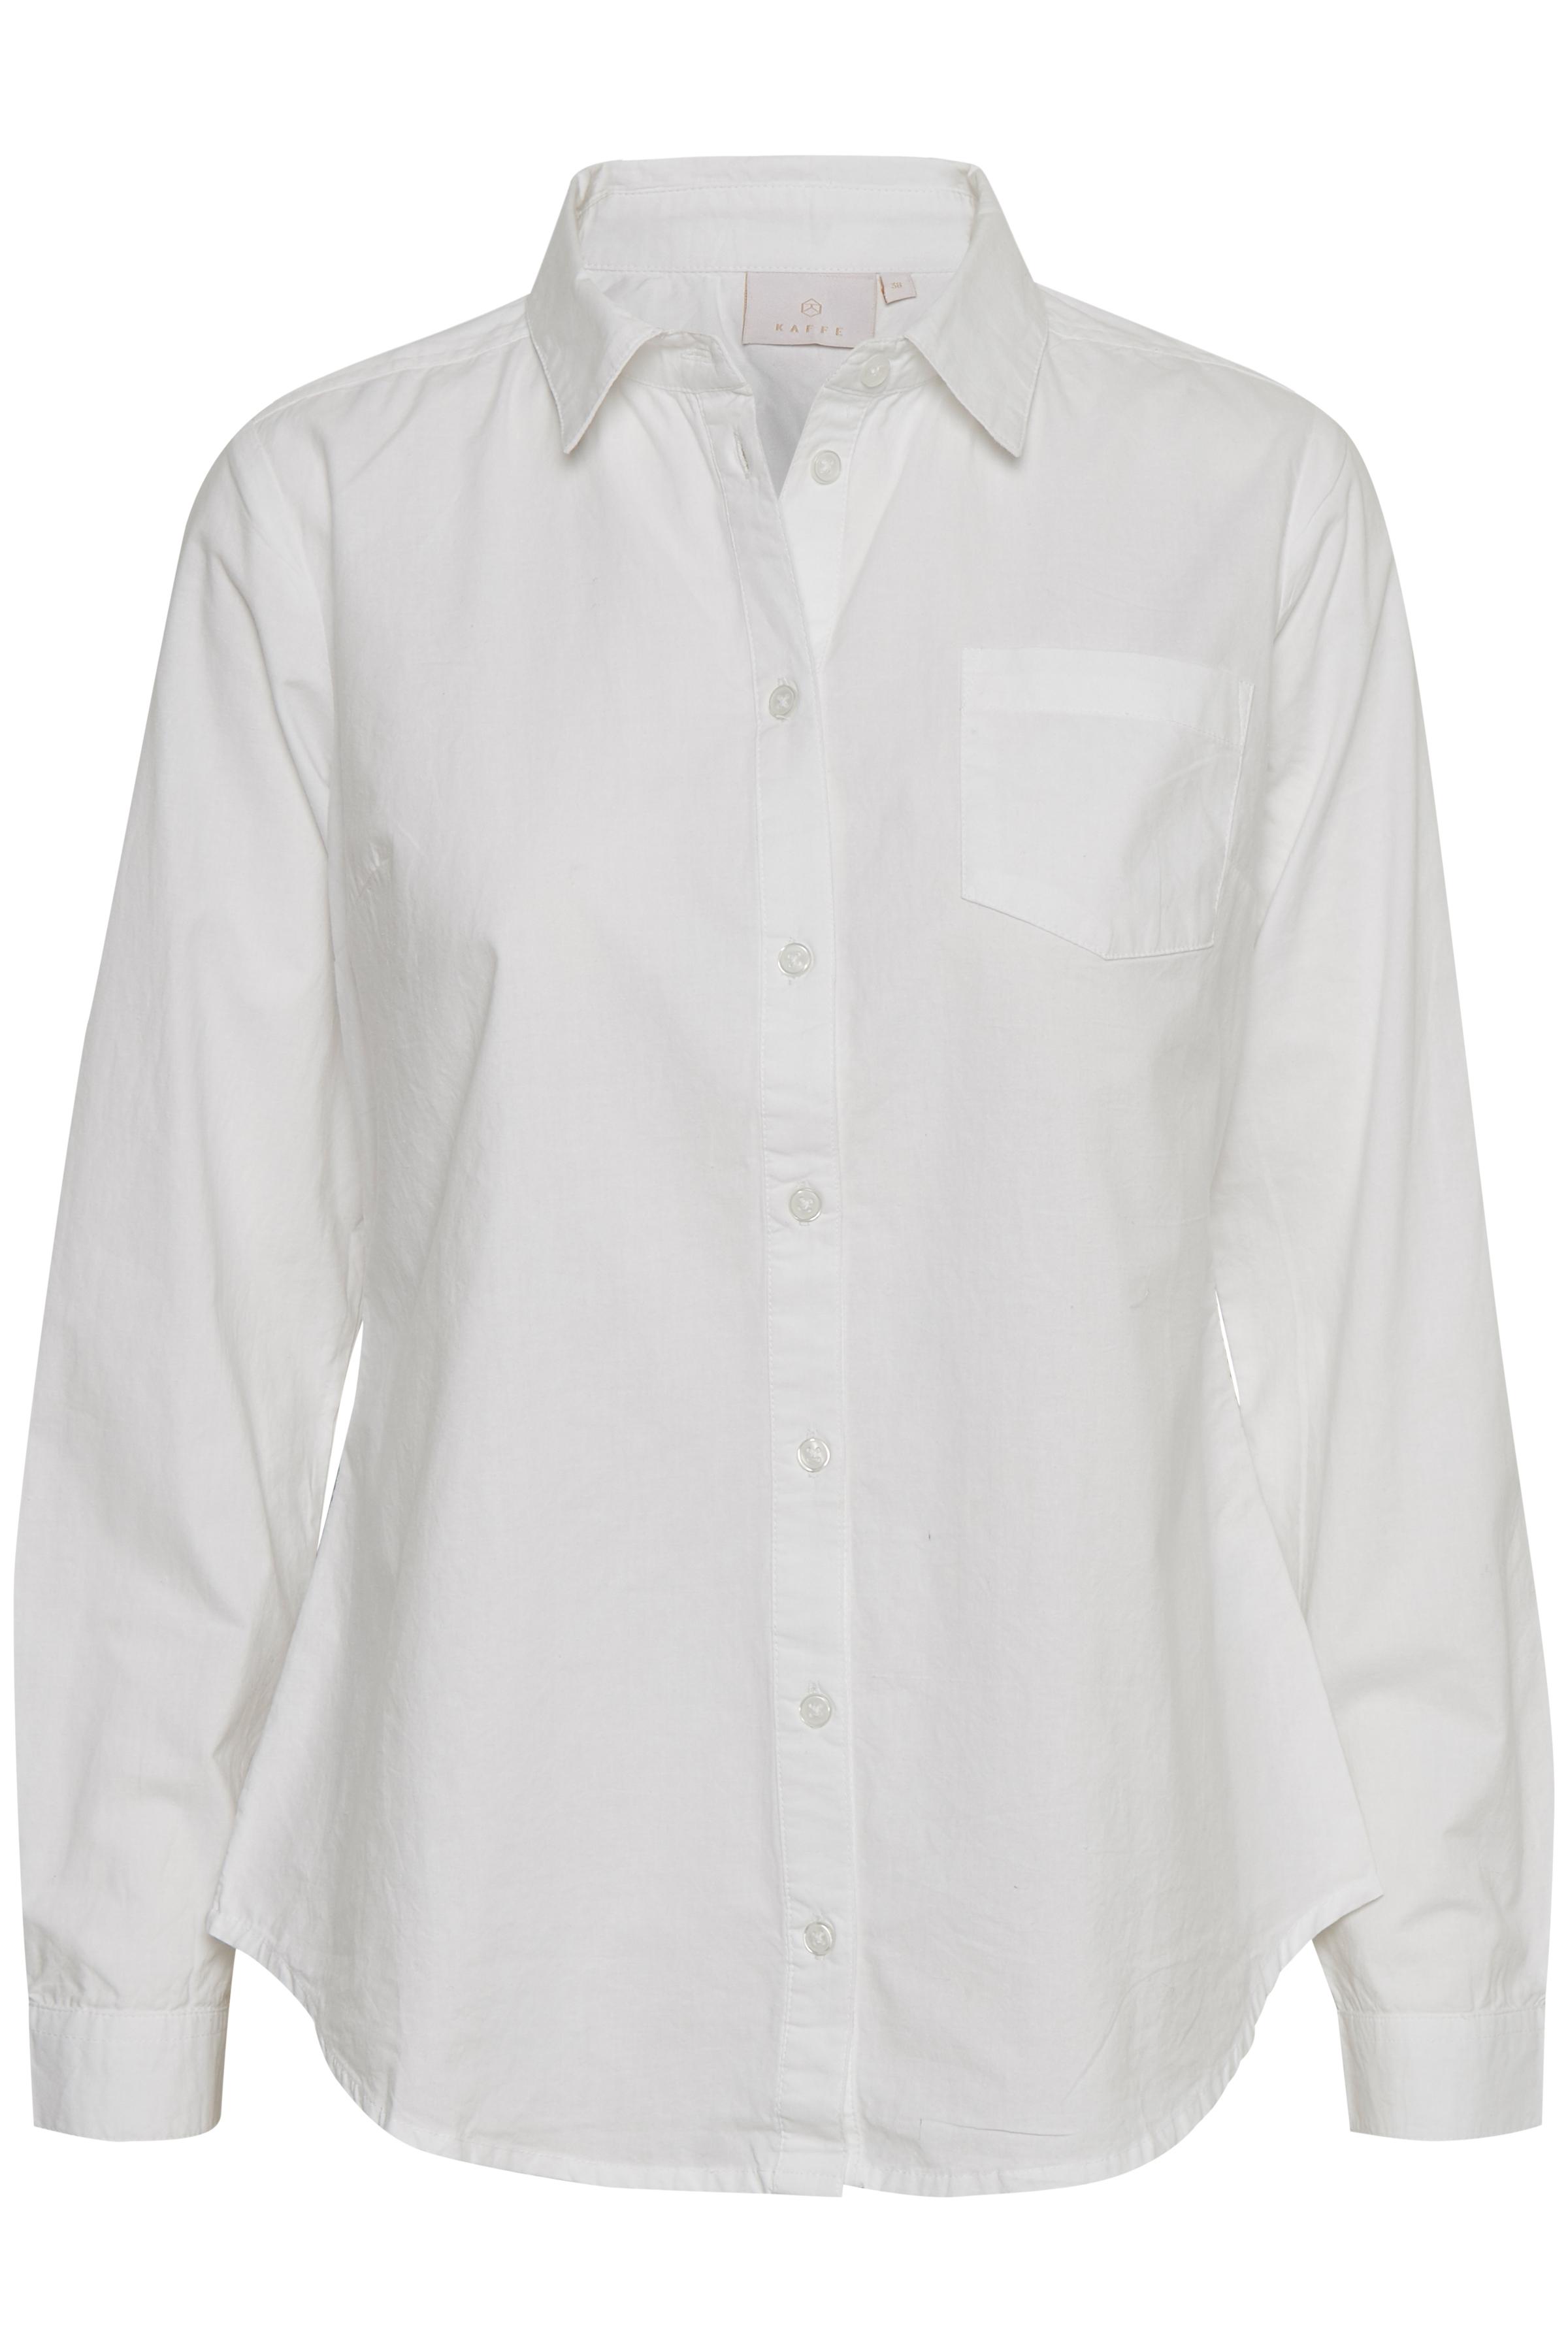 Image of Kaffe Dame Langærmet skjorte - Hvid